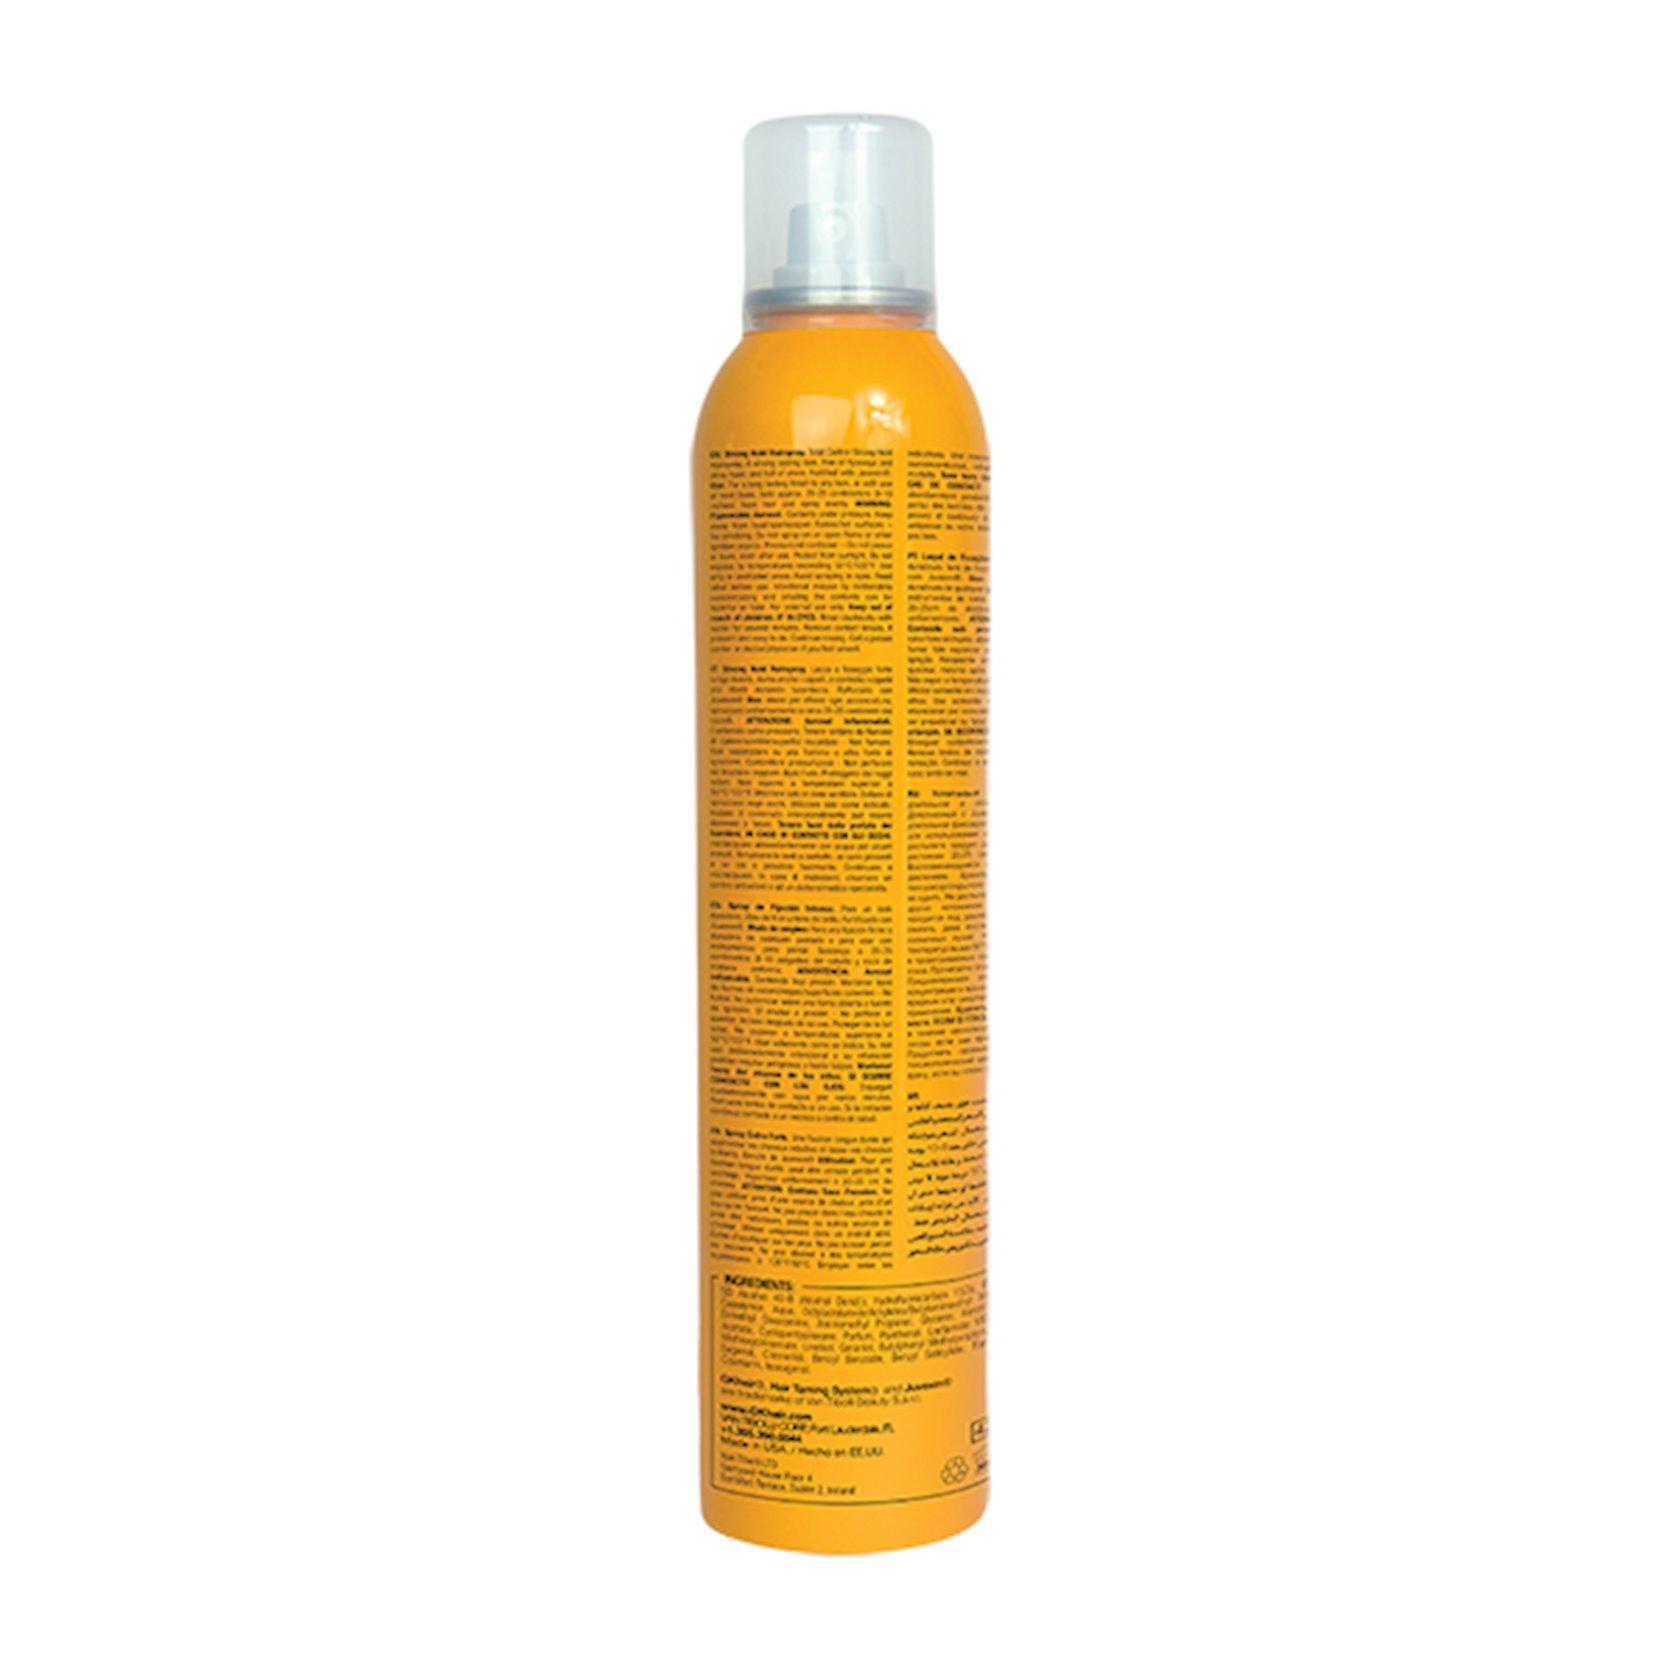 Saç üçün lak GKhair Strong Hold Hairspray 320 ml